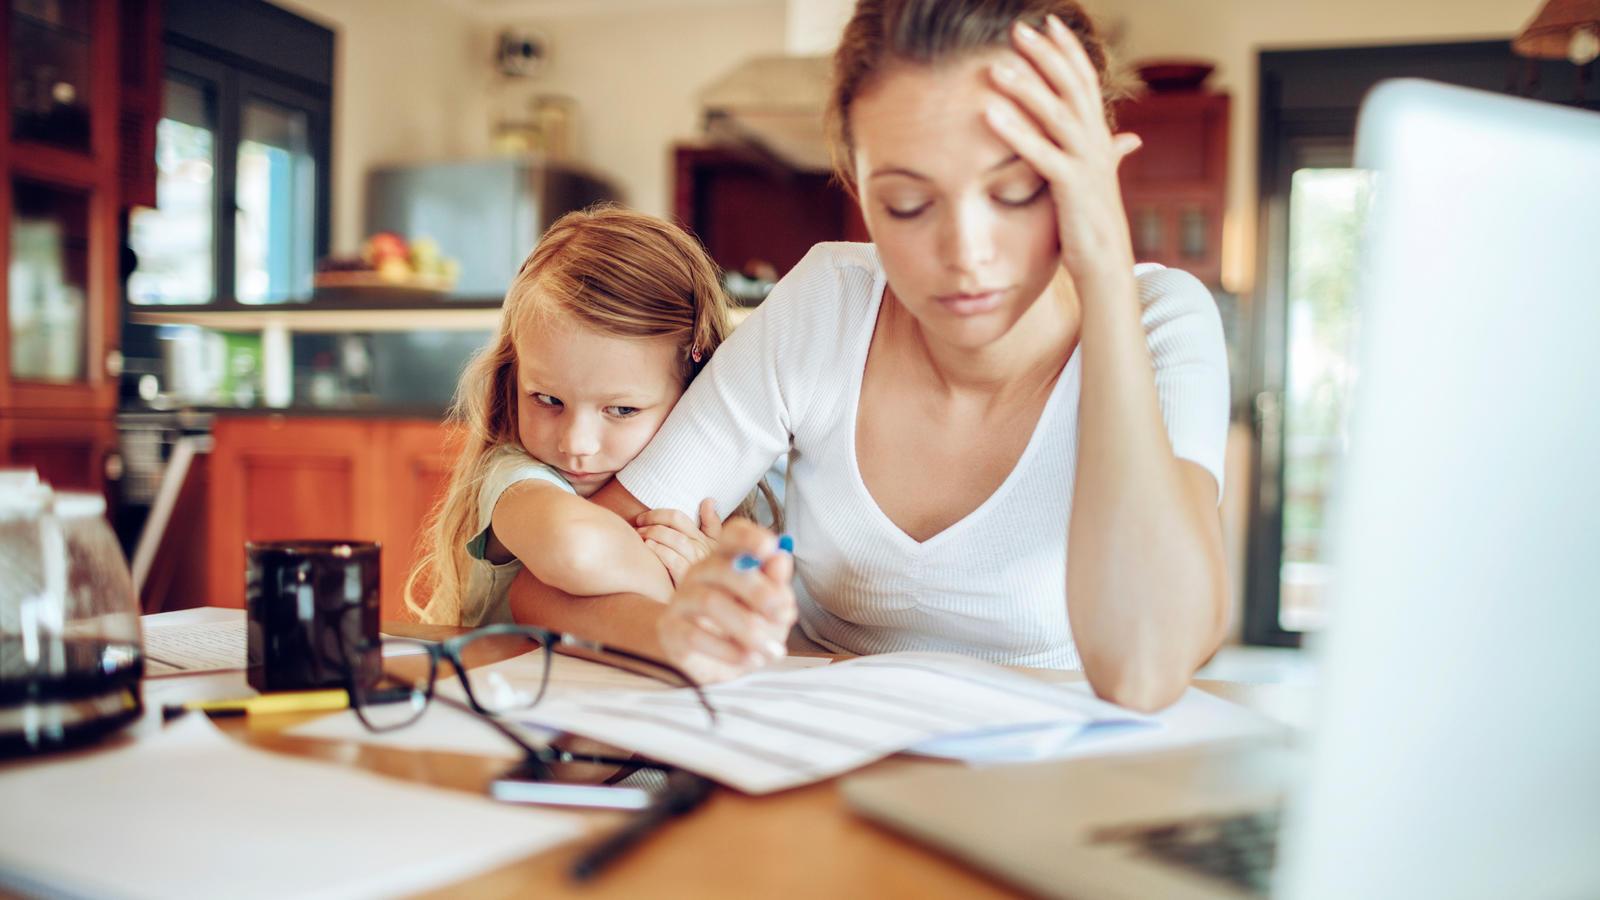 Stehen Eltern Unter Stress Wirkt Sich Das Auf Die Kinder Aus